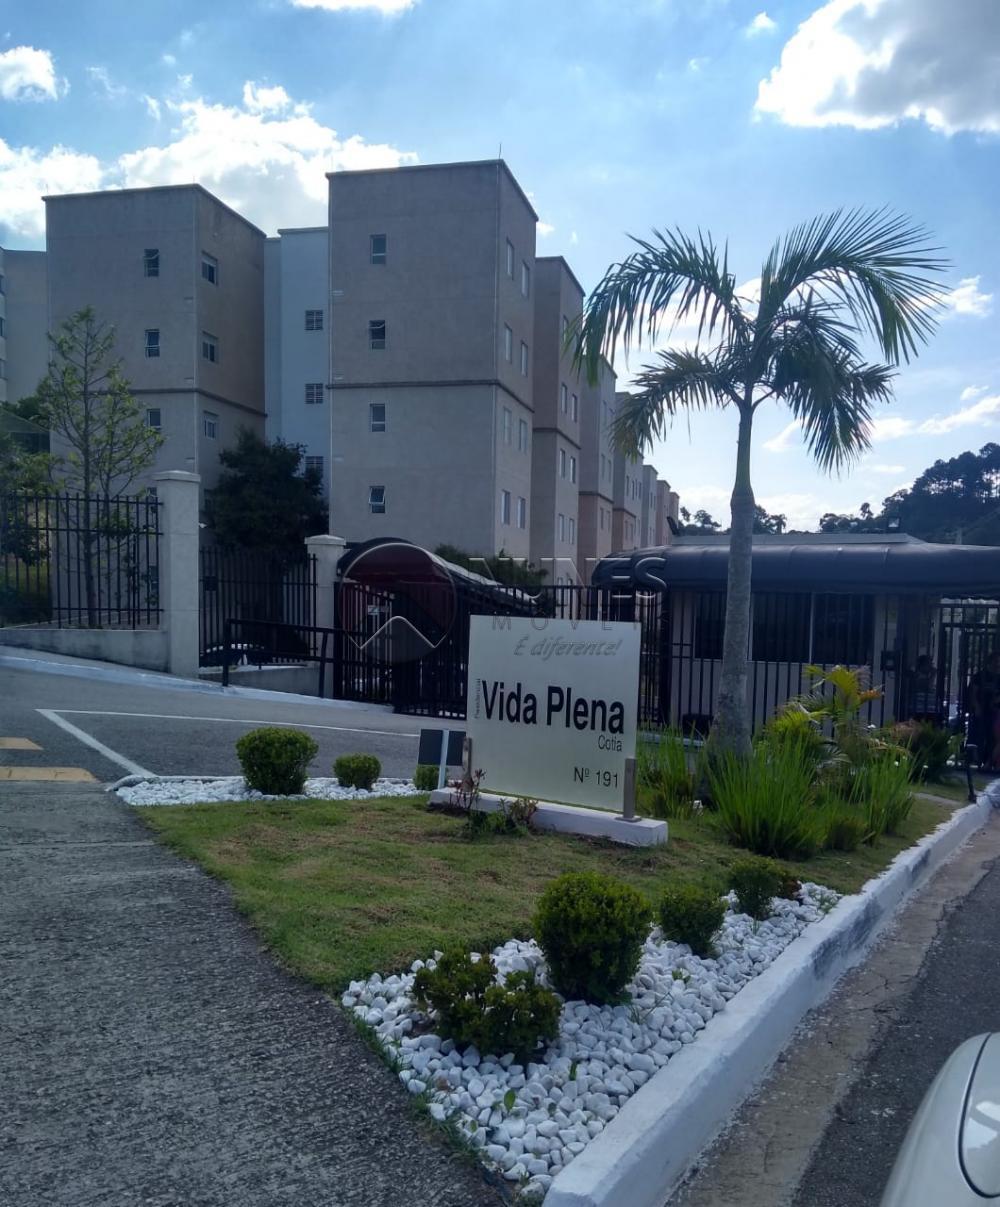 Comprar Apartamento / Padrão em Cotia R$ 167.000,00 - Foto 1